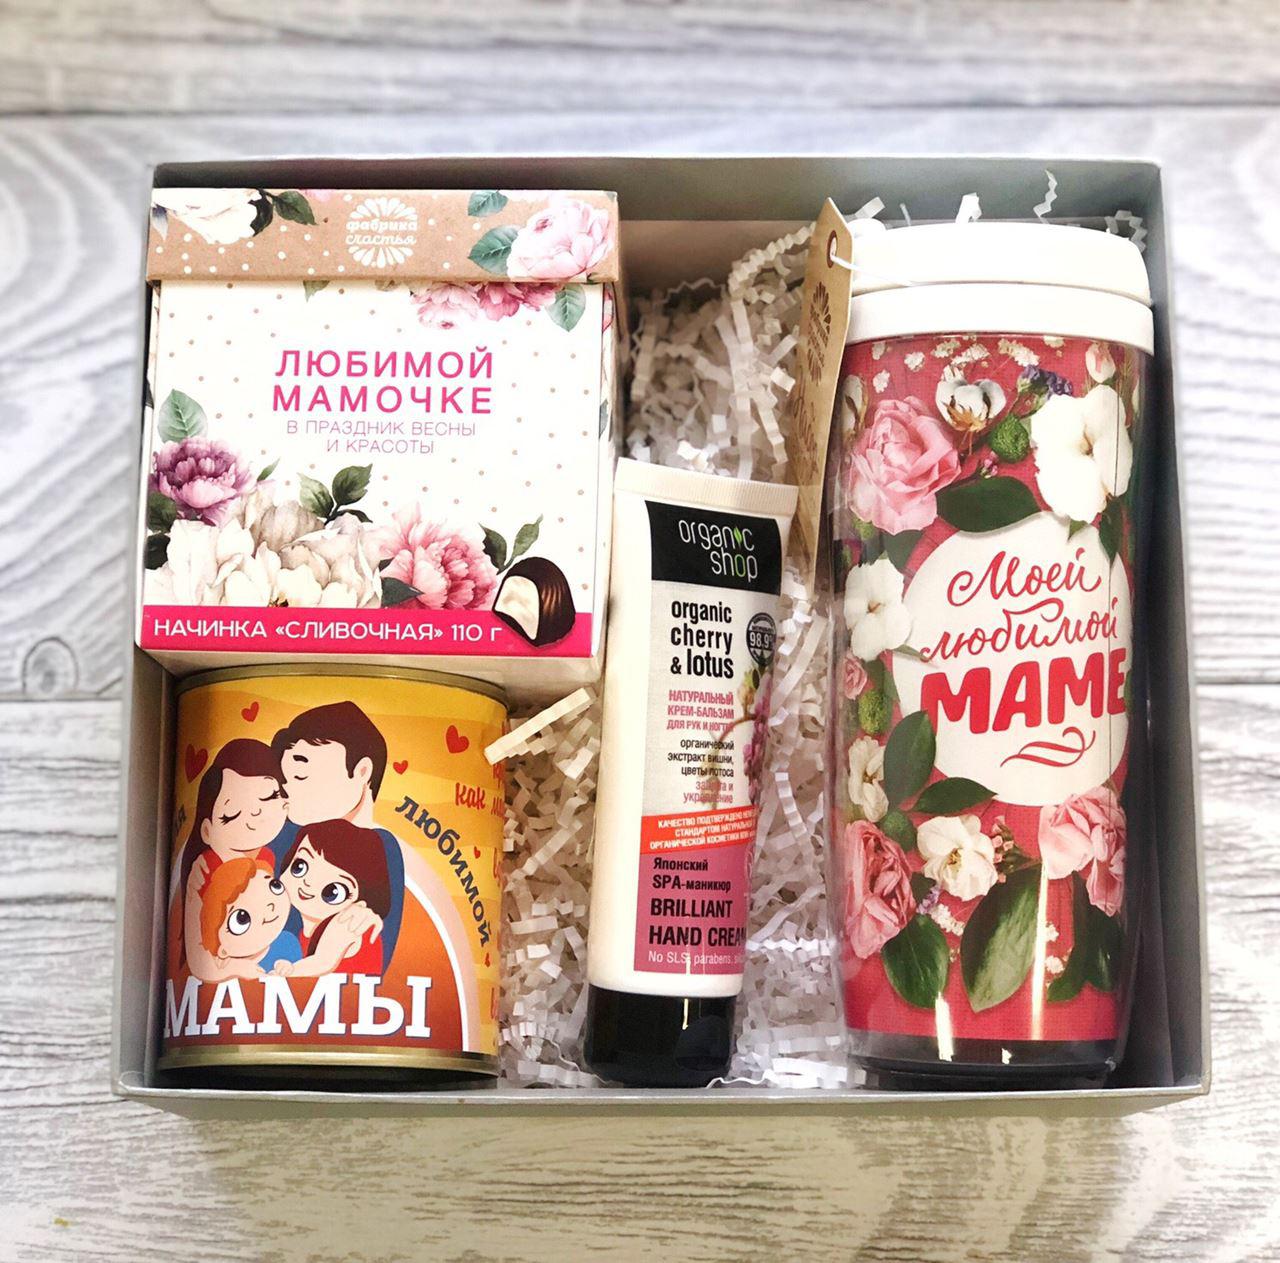 Подарочный бокс маме: кофе в термостакане, чай, конфеты, крем для рук от 1 170 руб